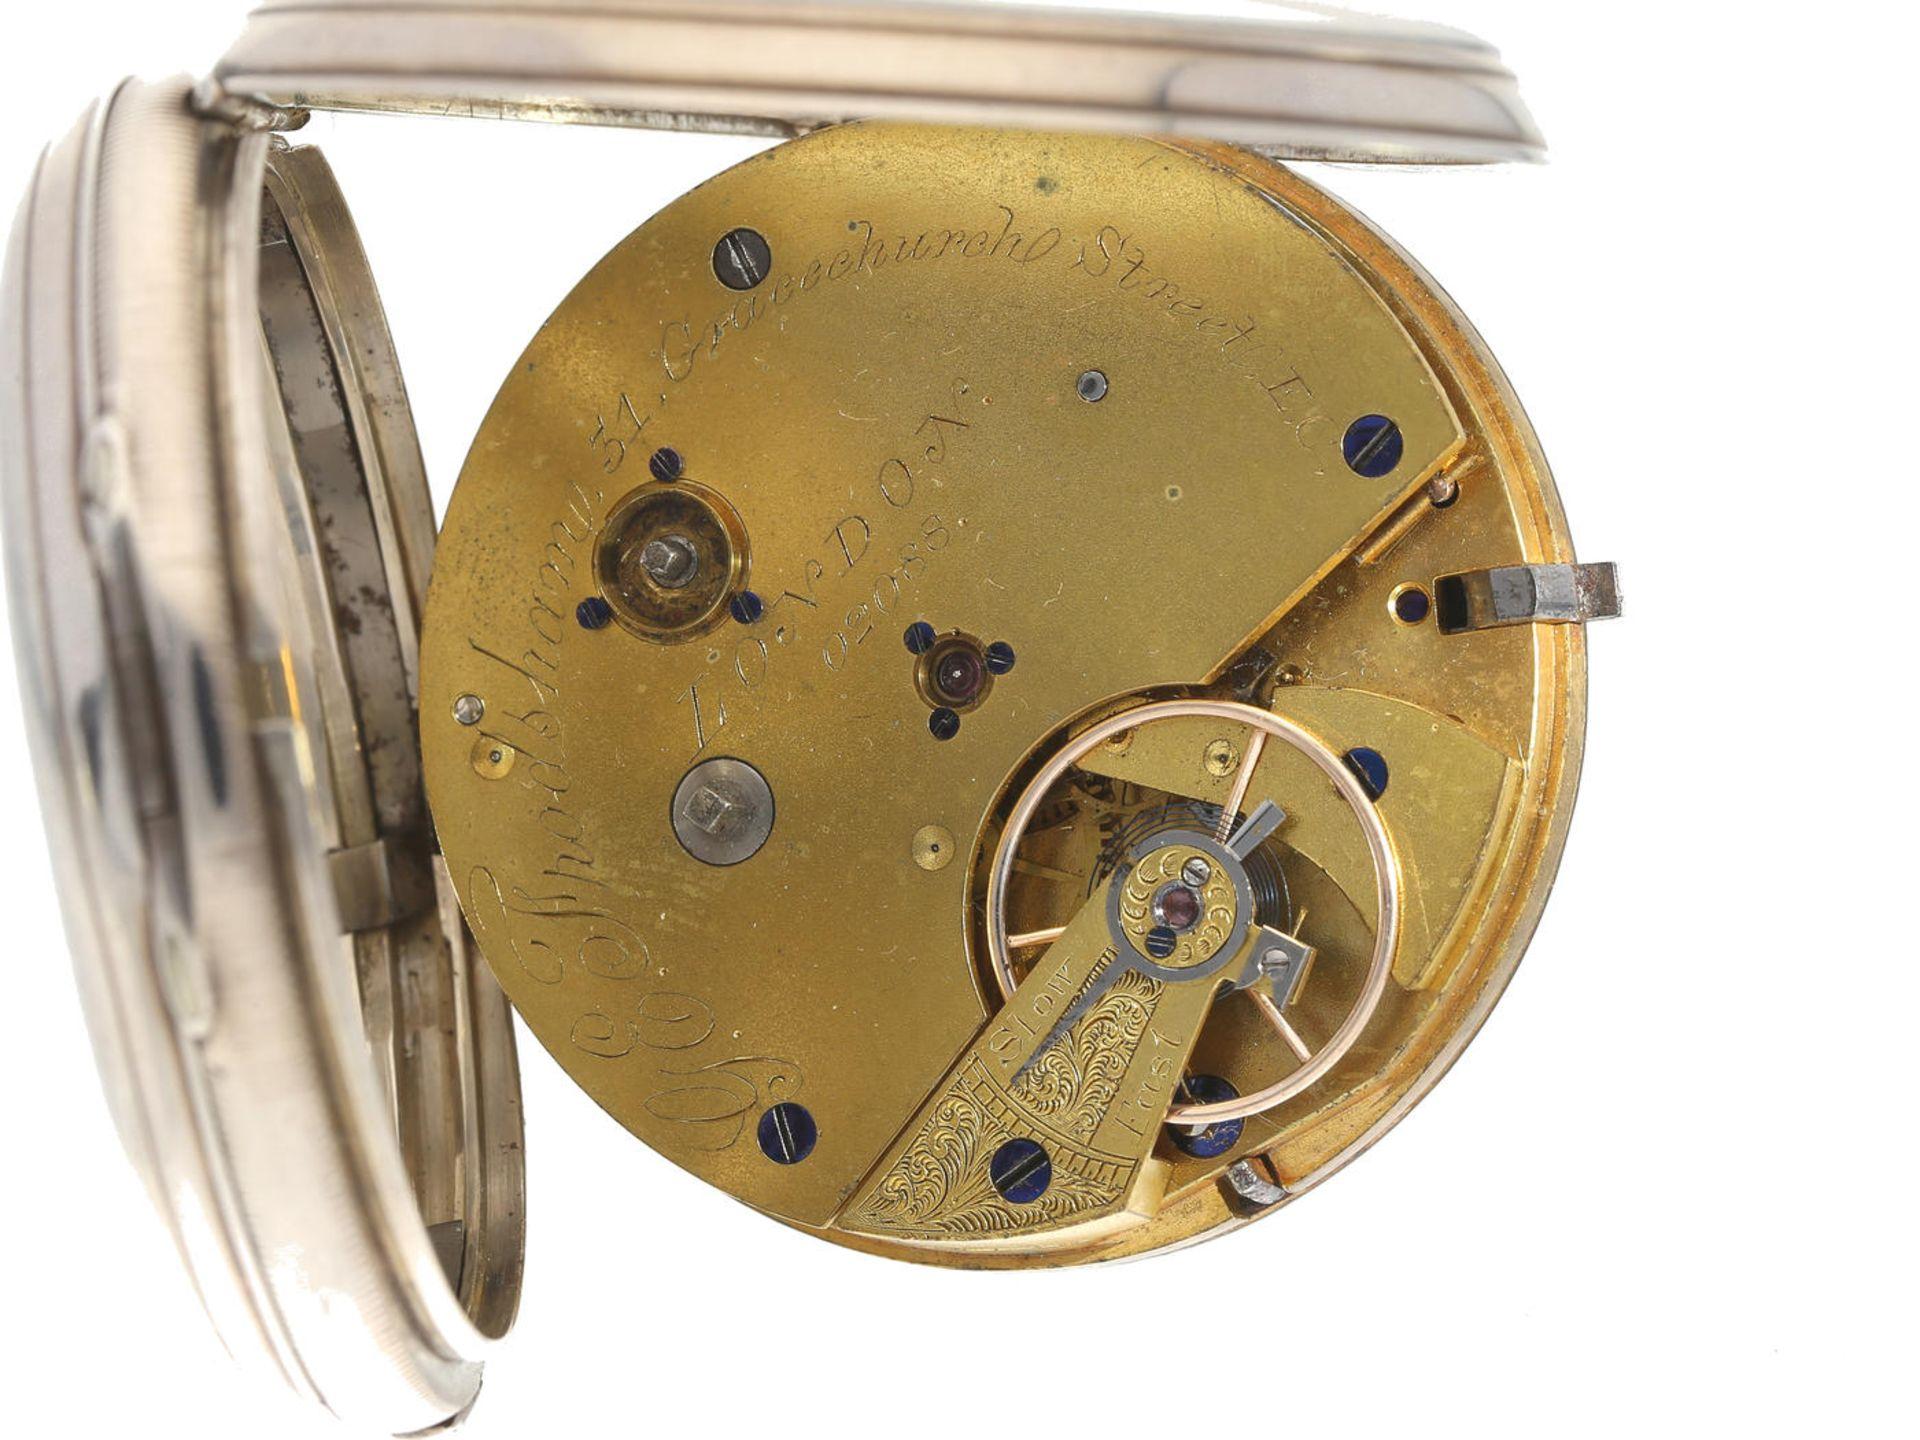 Taschenuhr: früher Chronograph feiner Qualität, signiert Frodsham London, Hallmarks 1853 Ca. - Bild 3 aus 3